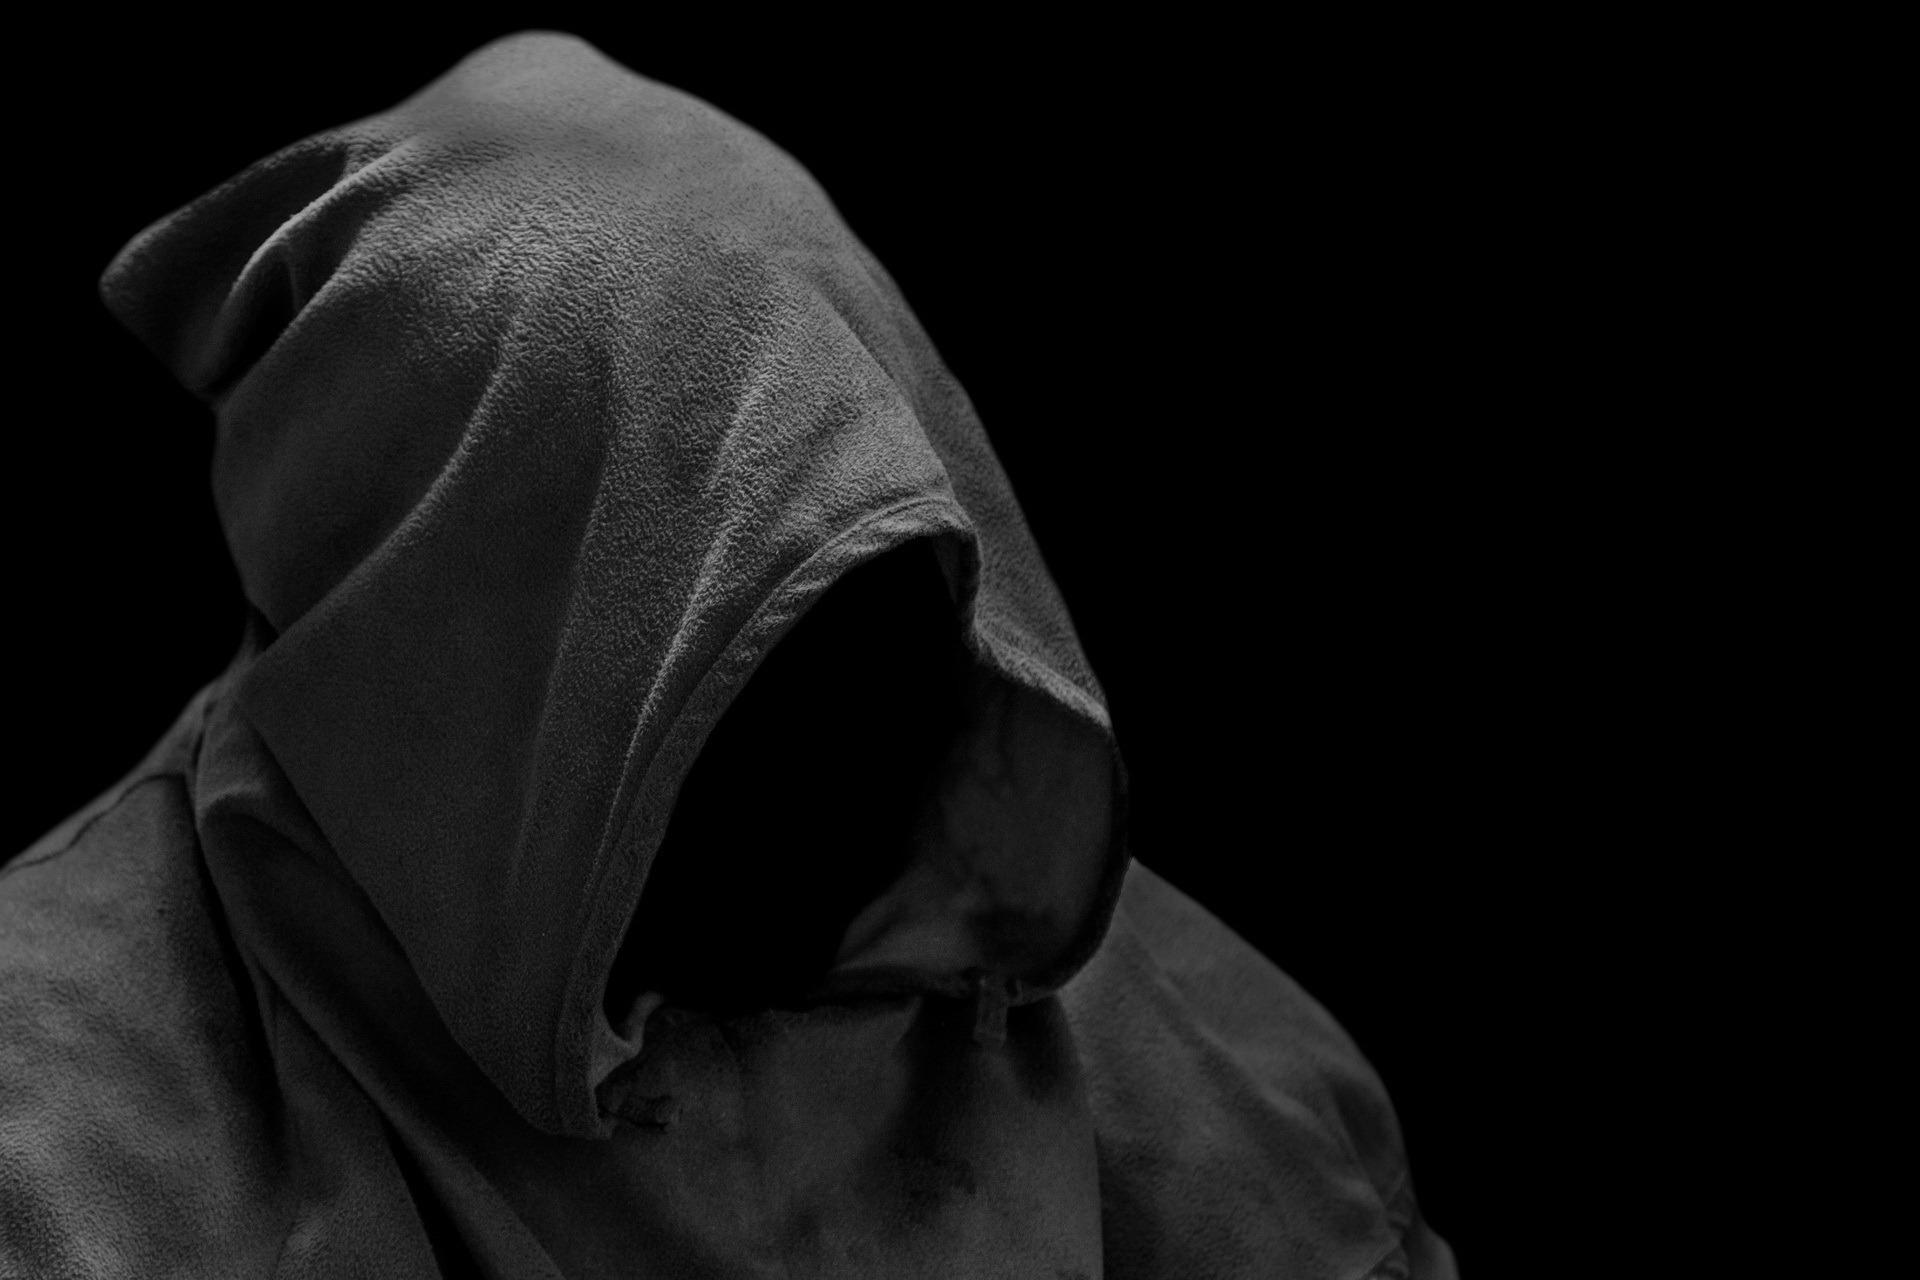 полудреме картинки человек в темном капюшоне сам